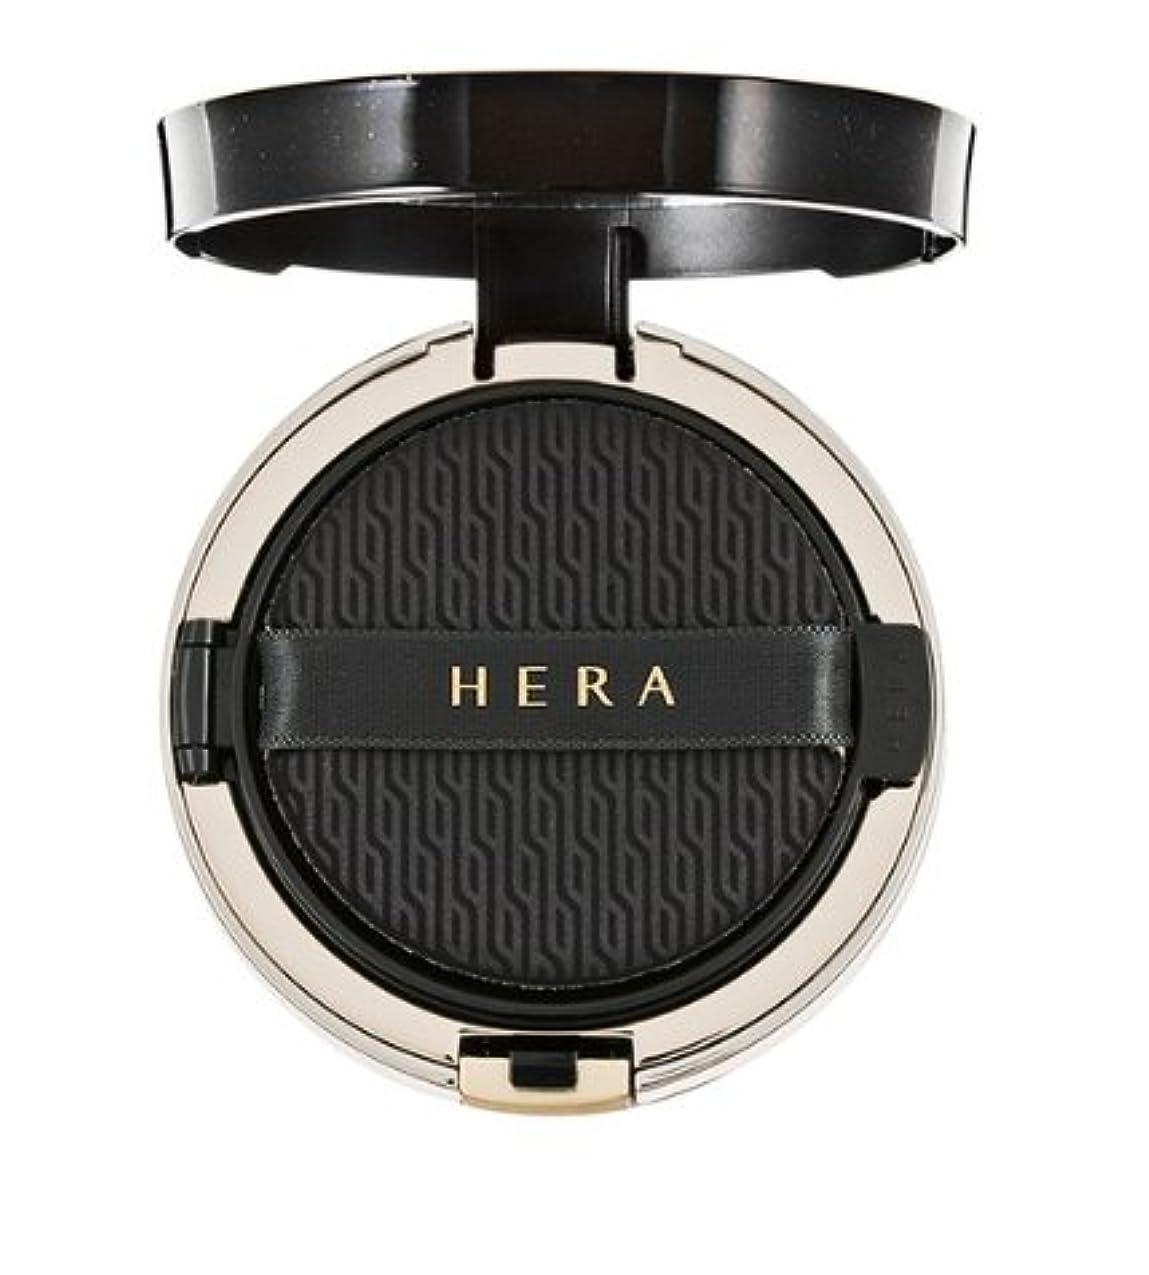 見込みストライプフィヨルド(ヘラ) Hera ブラッククッション SPF34/PA++ 本品15g+リフィール15g / Black Cushion SPF34/PA++ 15g+Refil15g (No.23 Beige) (韓国直発送) shumaman